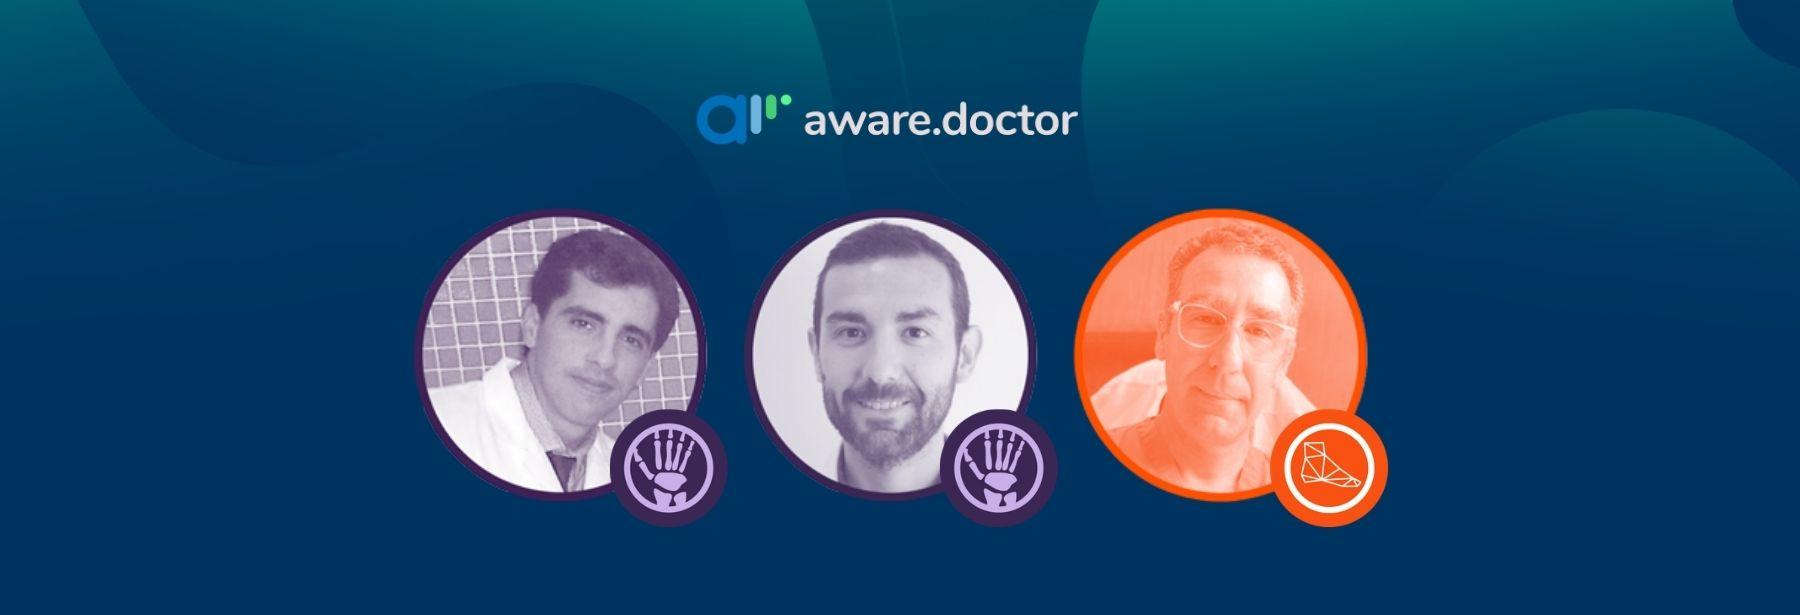 Descubre nuestros 2 nuevos skills en Aware Doctor.